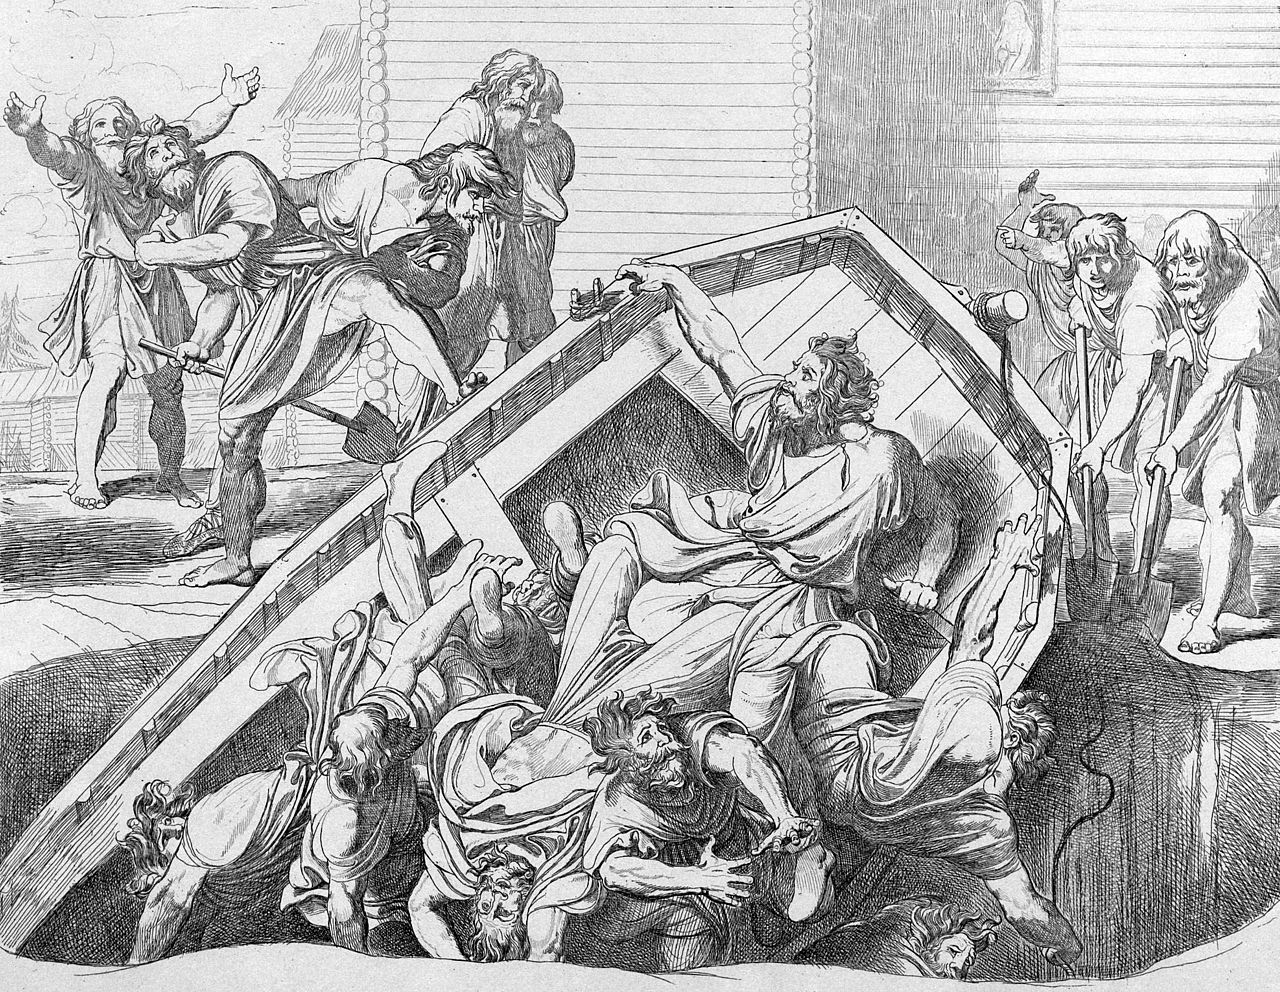 Ф.А. Бруни. Мщение Ольги против идолов древлянских. Гравюра, 1839 год